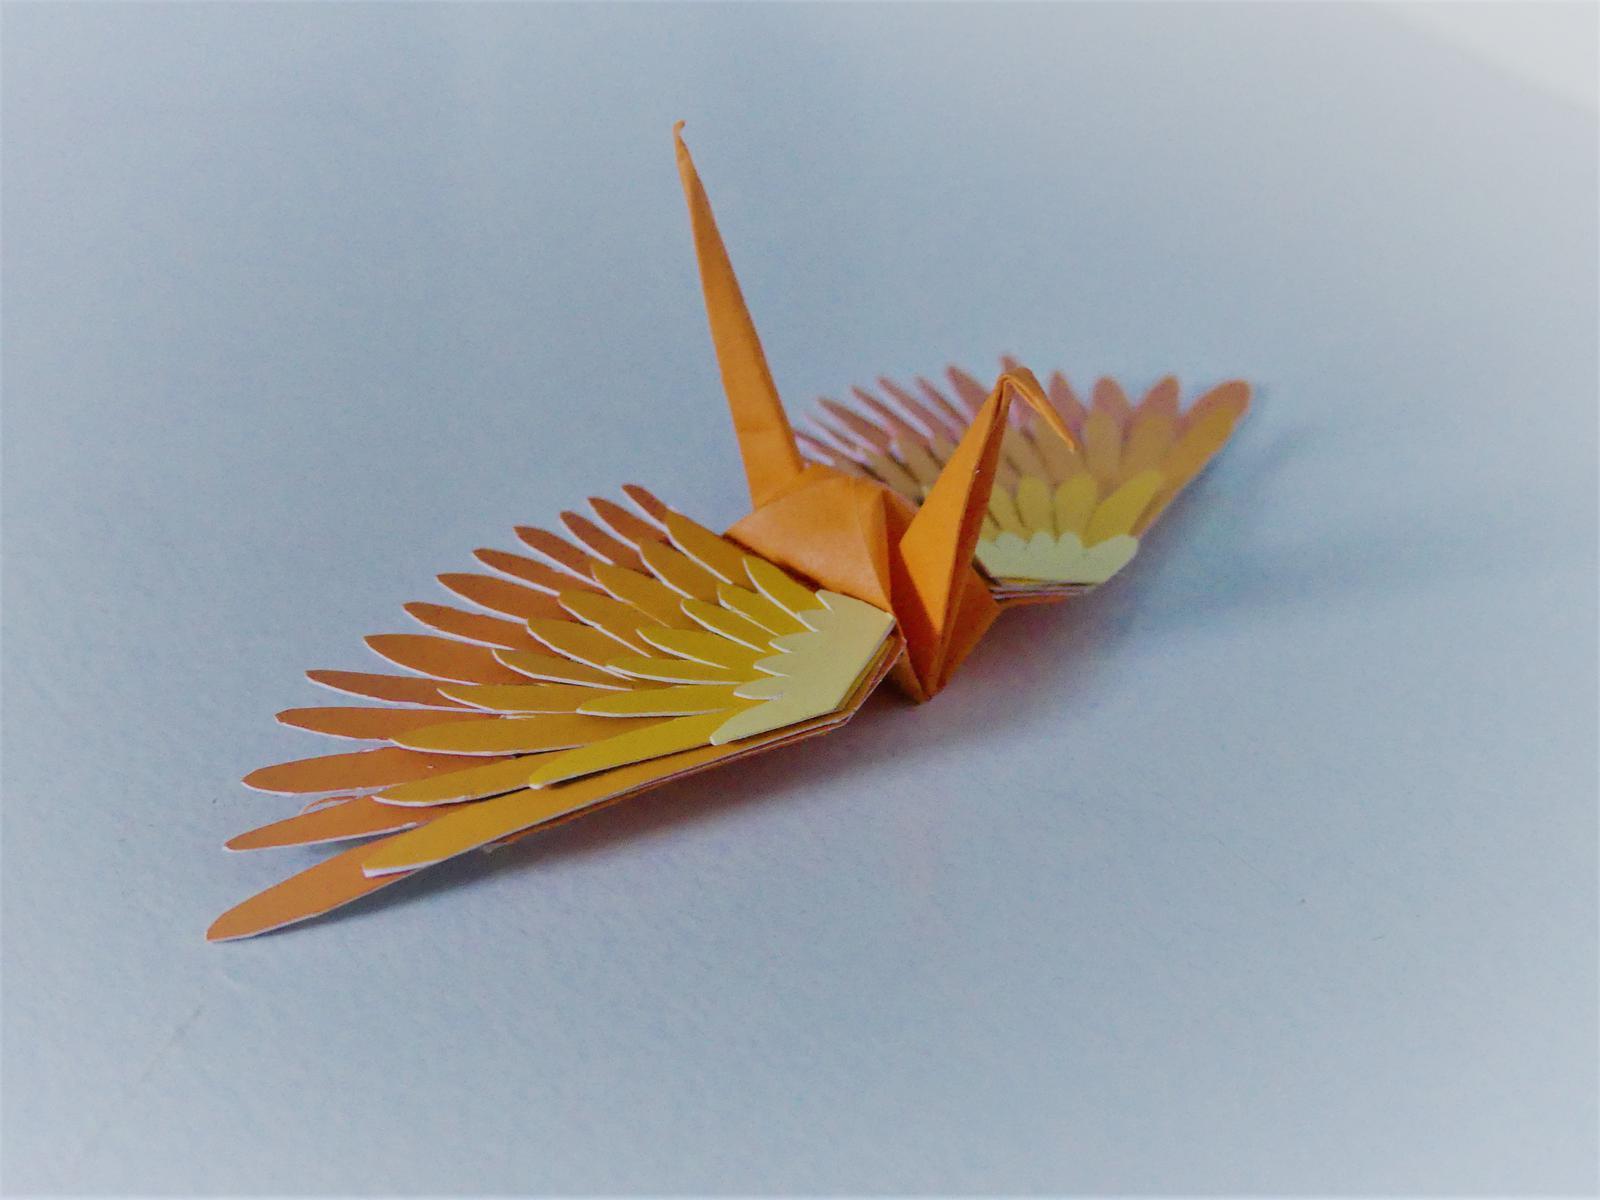 Orange crane